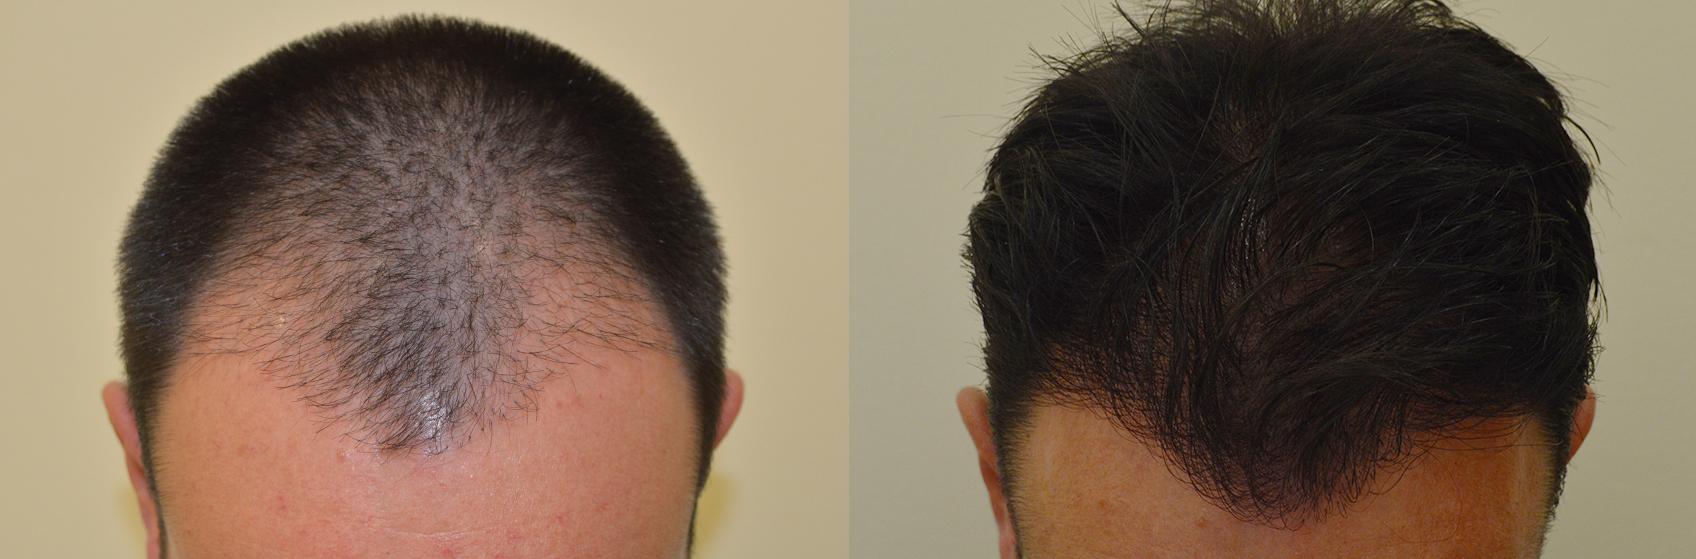 trapianto capelli migliore